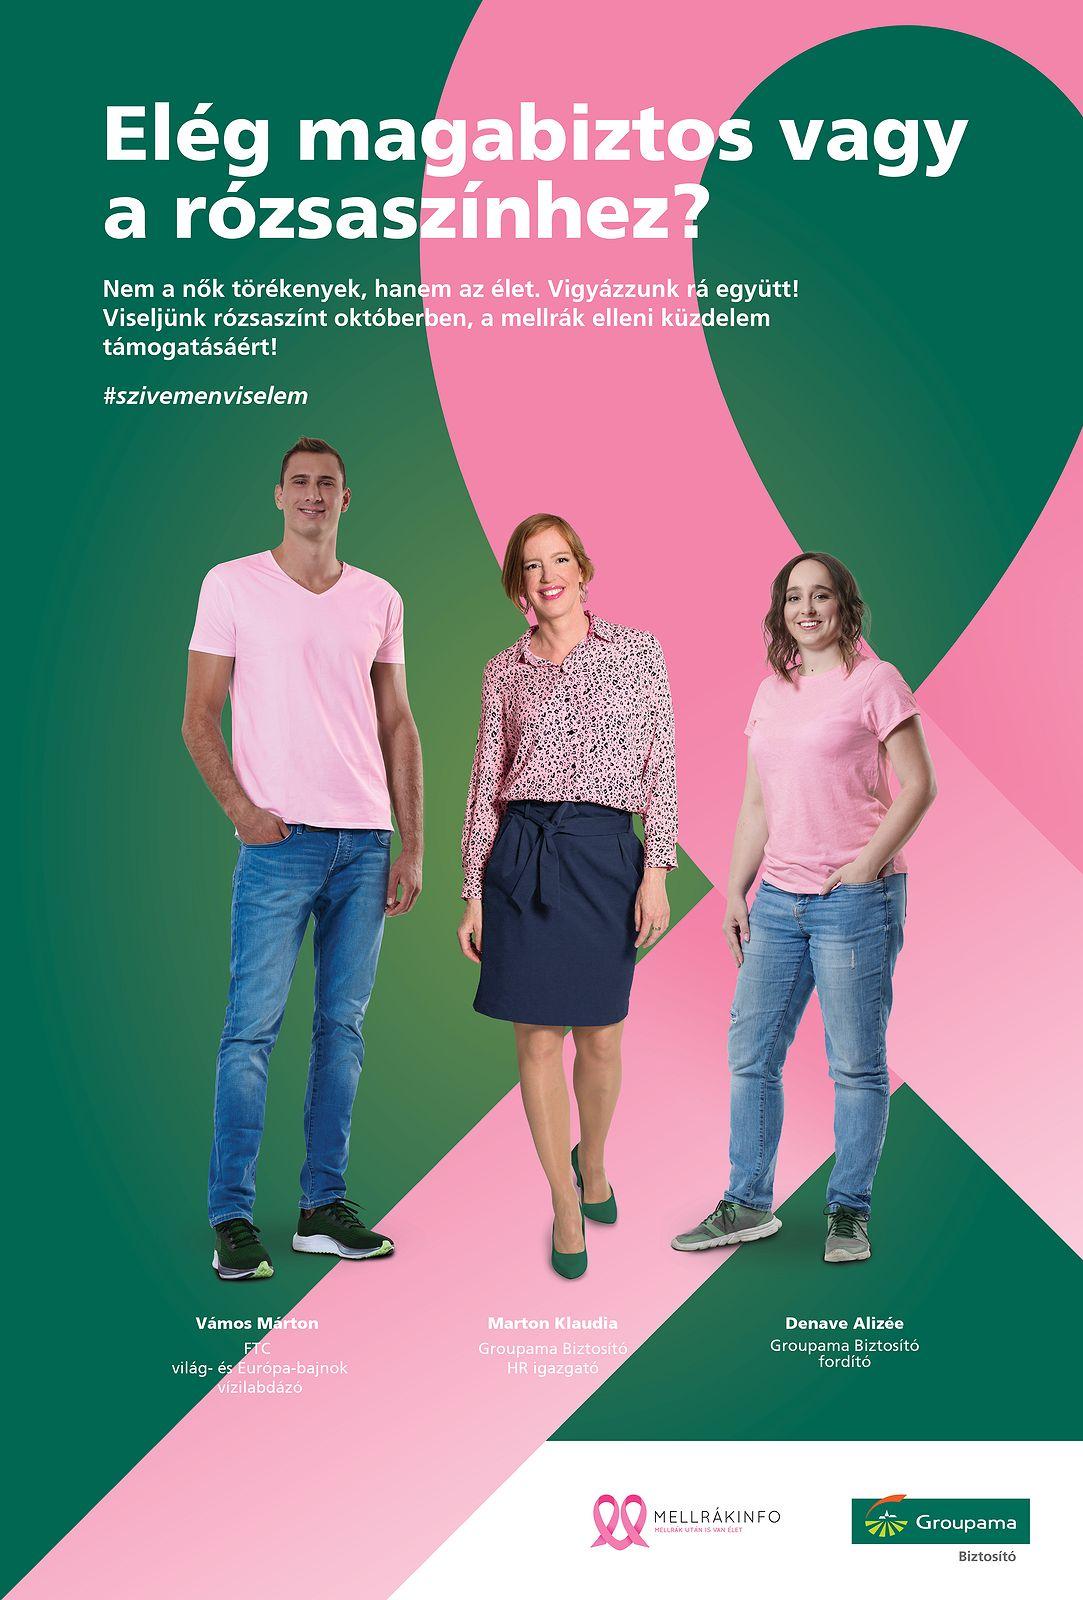 A Groupama Biztosító egyik kampányplakátja